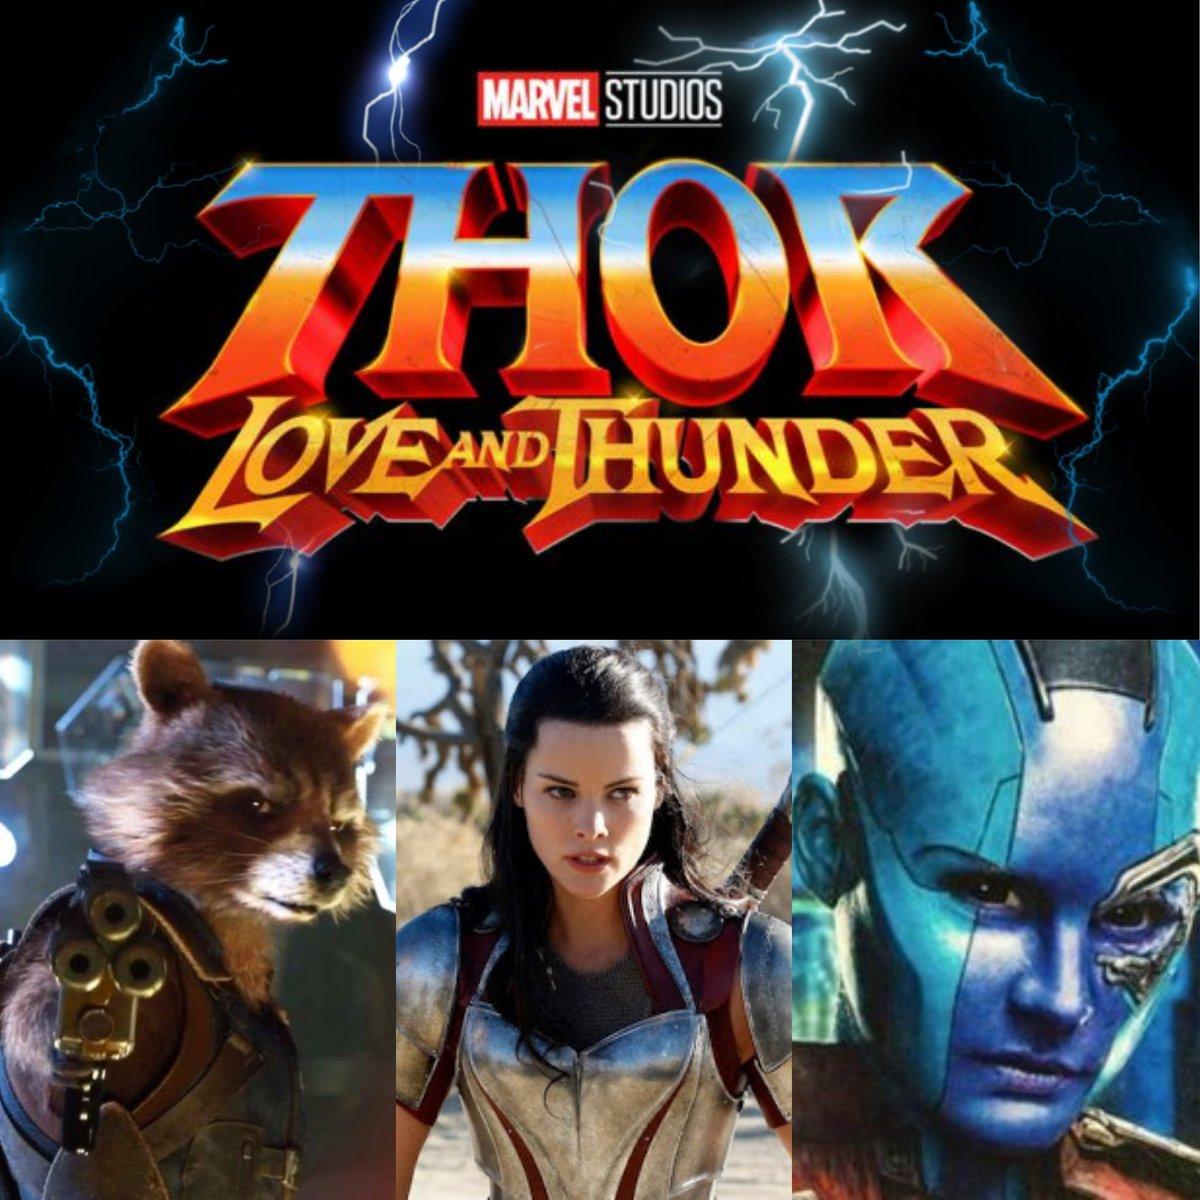 """Se confirma que finalmente Rocket Racoon, Lady Sif y Nebula se suman al reparto final de """"Thor Love and Thunder"""""""". ¿Será tan grande como una de Avengers? ¿Hype? #rocketraccoon #LadySif #Nebula #ThorLoveAndThunder #marvel #MarvelStudios #MarvelComics #GuardiansOfTheGalaxy"""